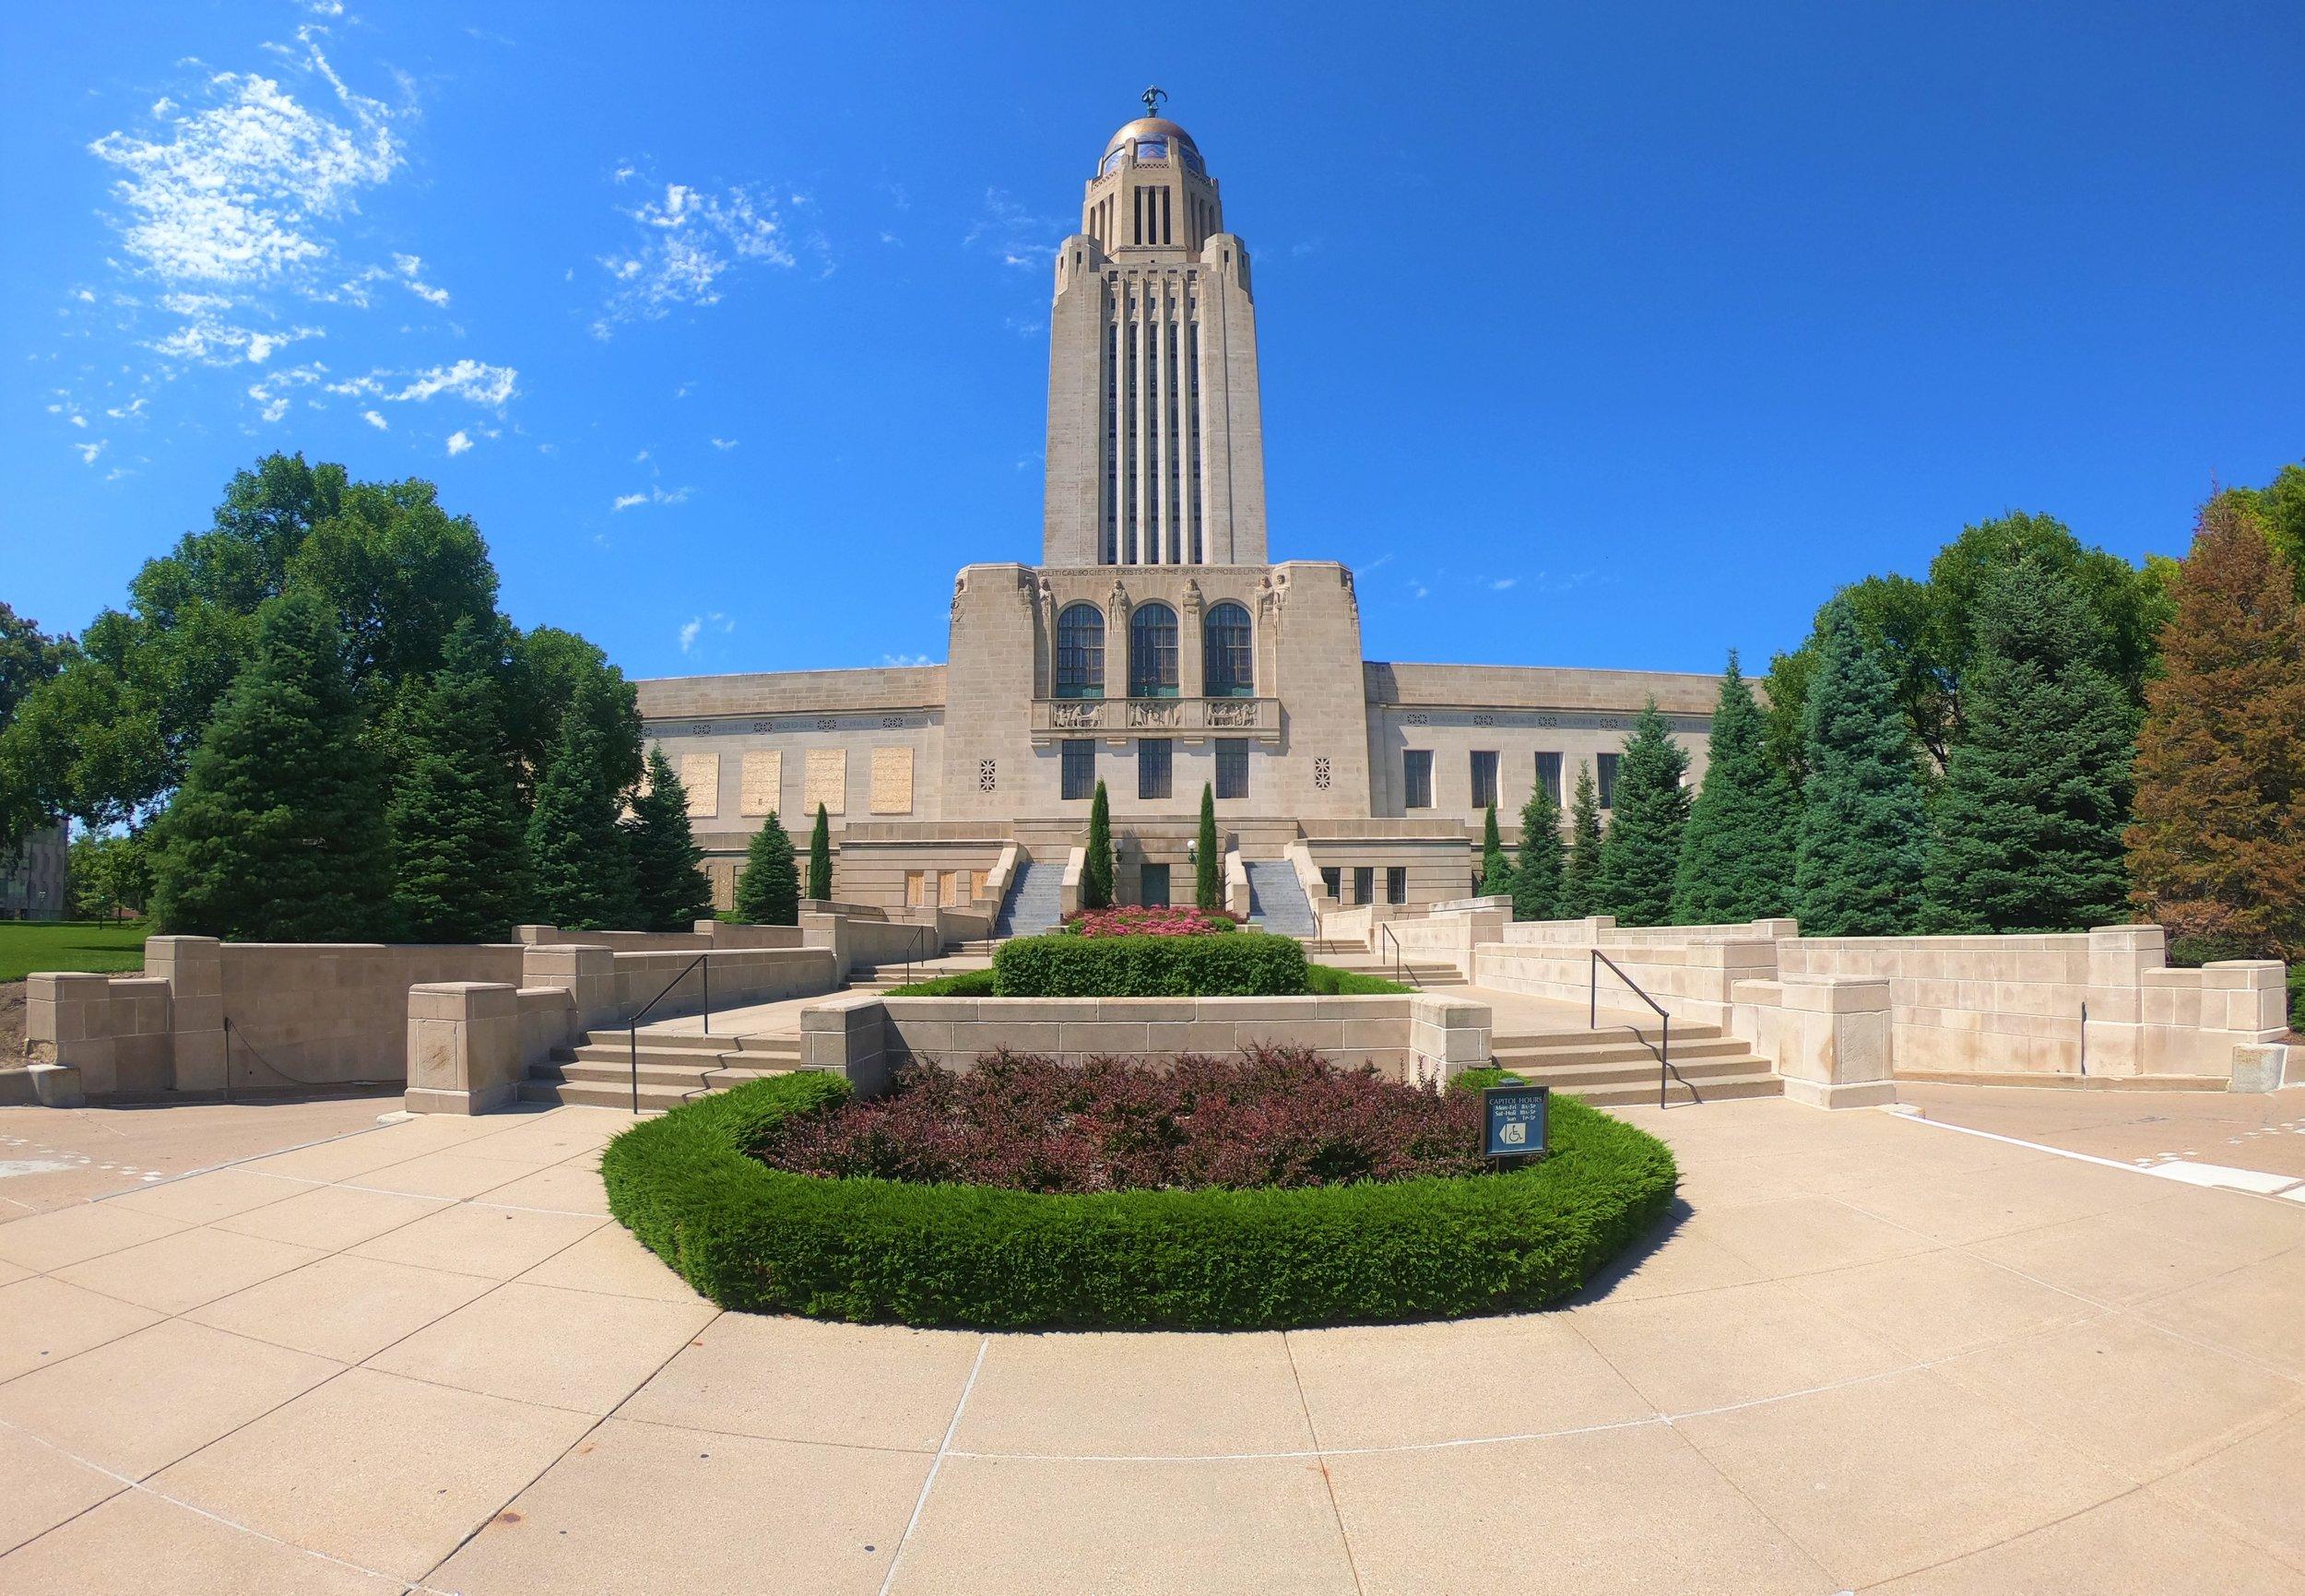 Nebraska State Capitol in Lincoln